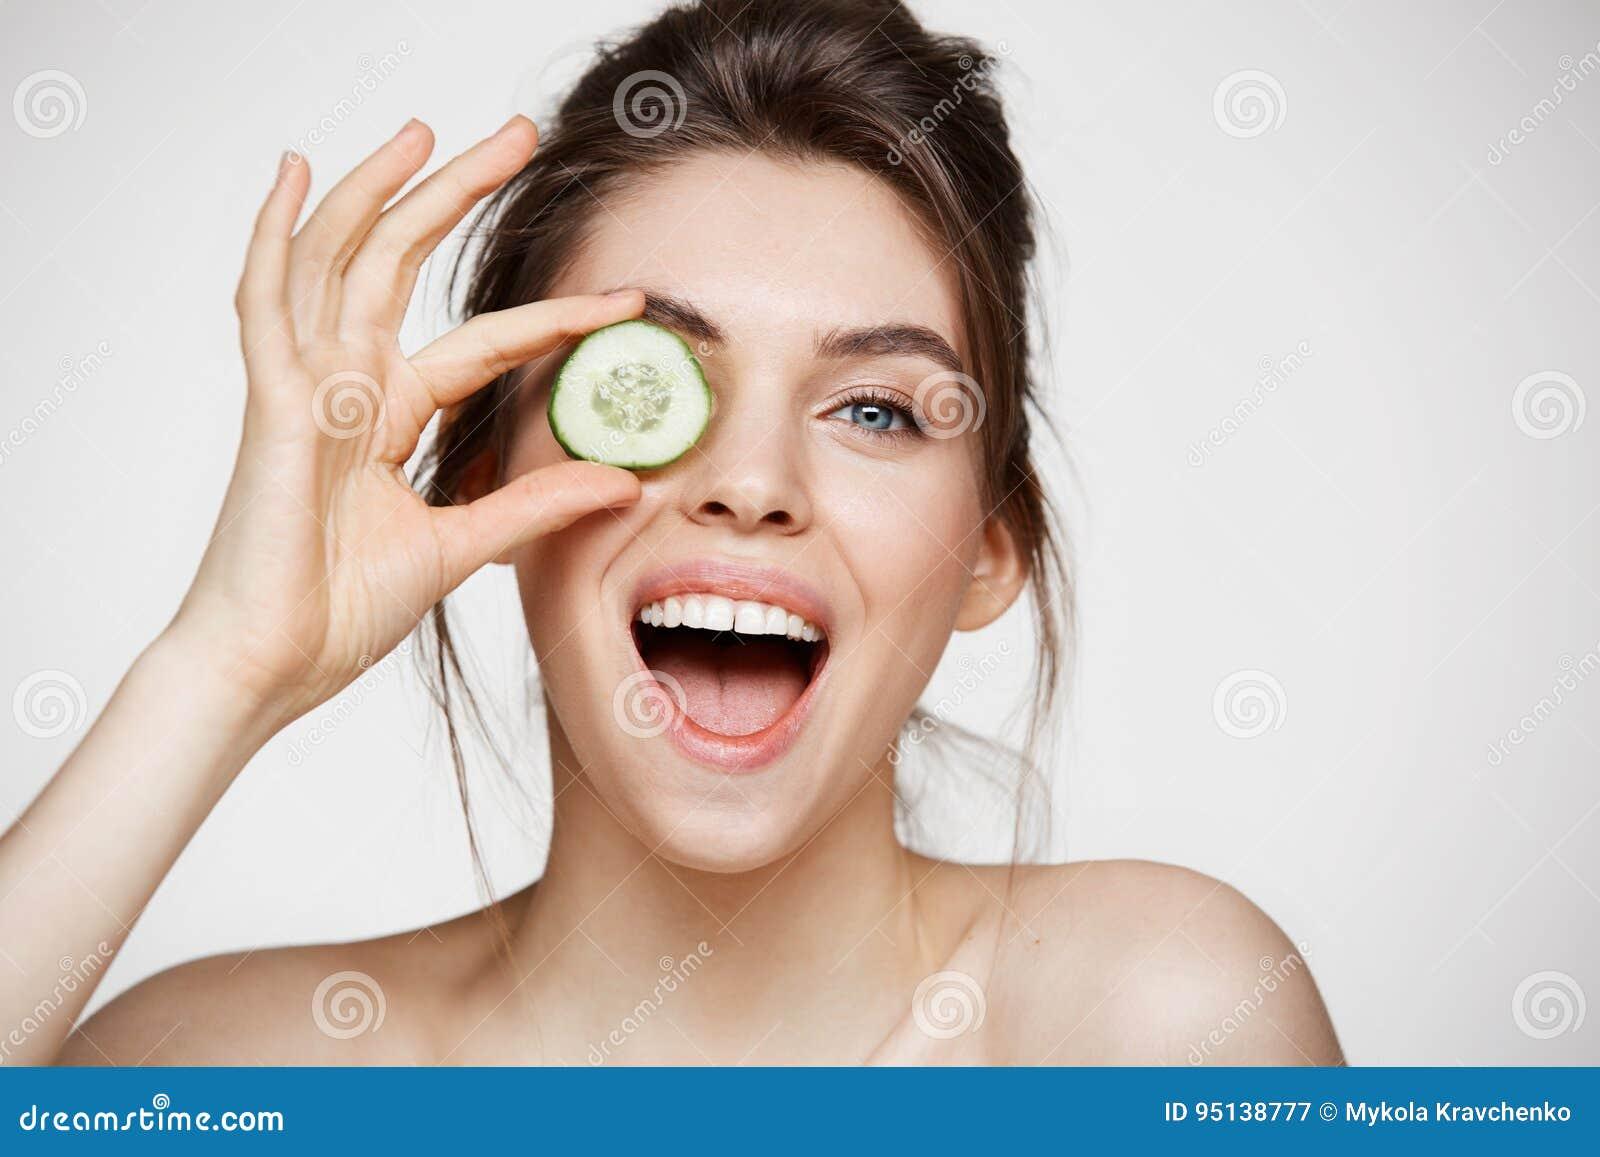 Jong mooi naakt meisje het glimlachen verbergend oog achter komkommerplak die camera over witte achtergrond bekijken